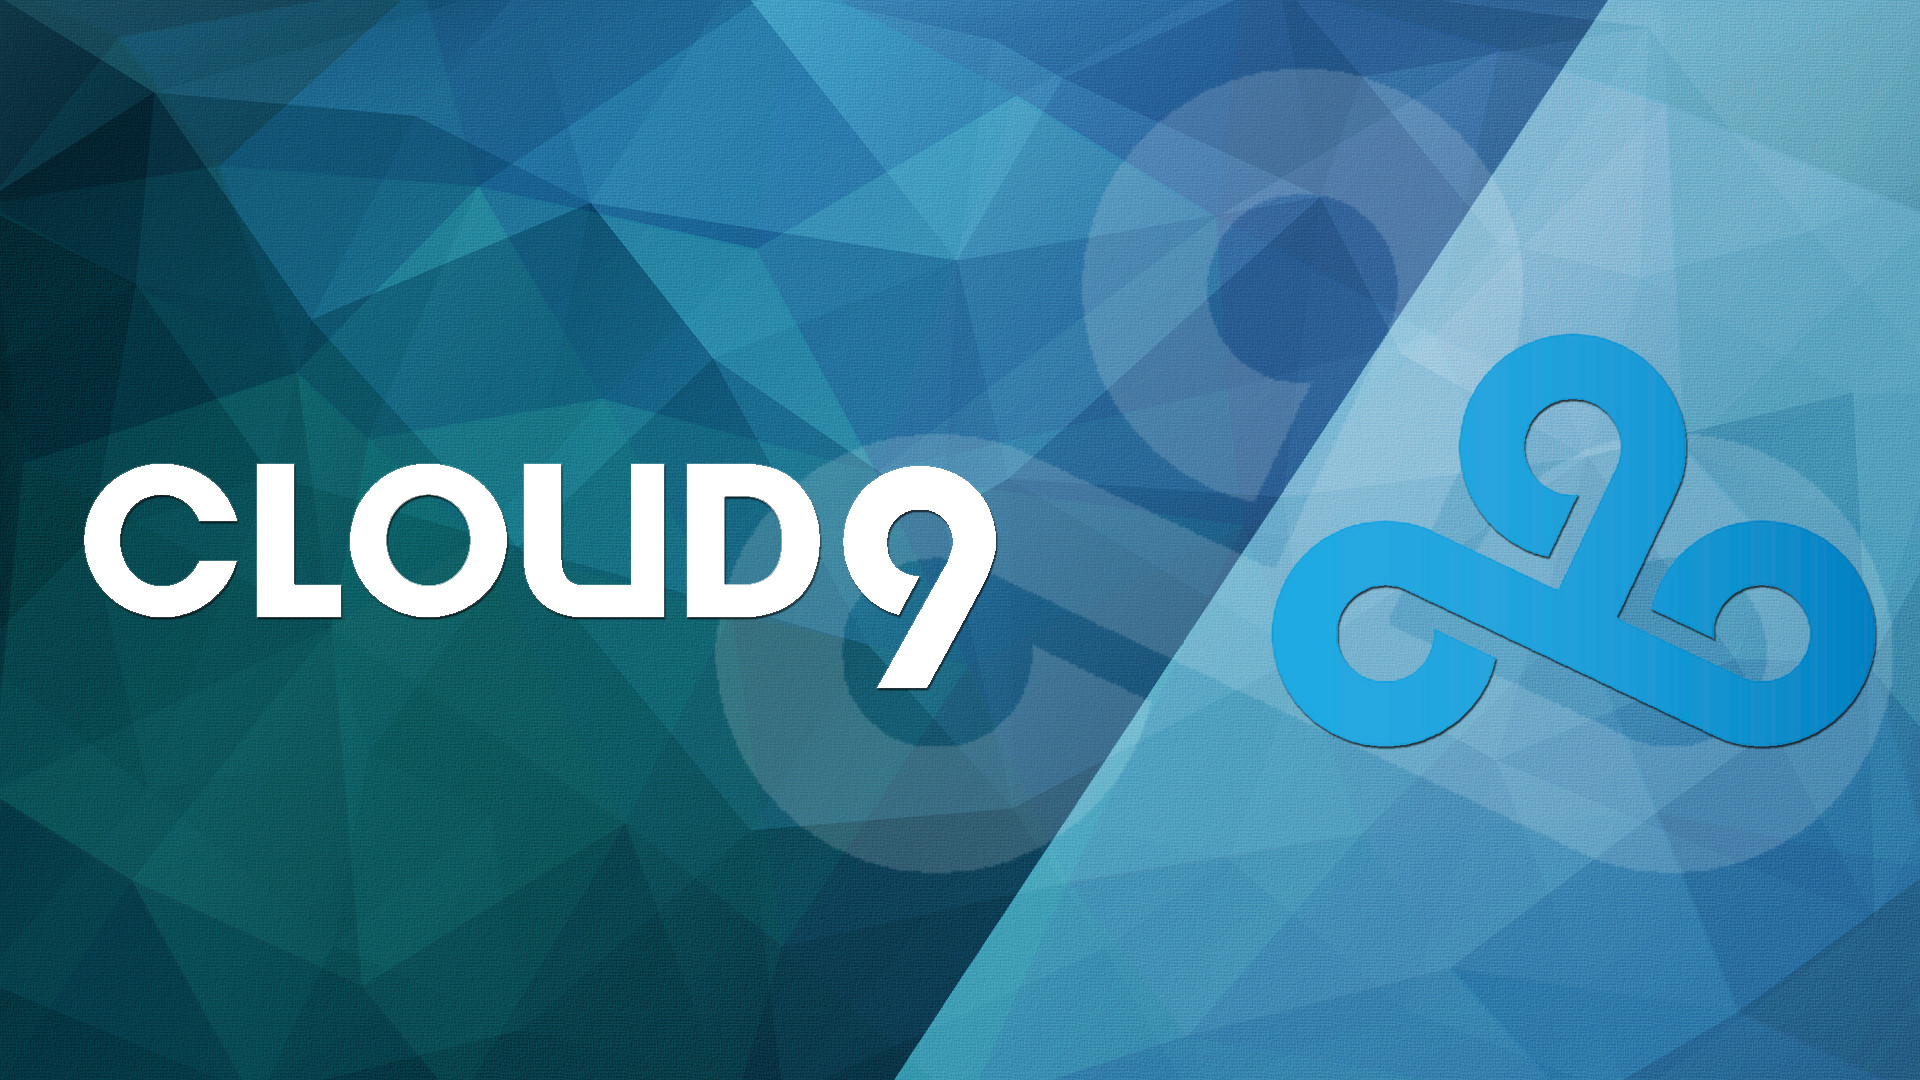 Cloud9 Wallpaper by aiirwiick Cloud9 Wallpaper by aiirwiick